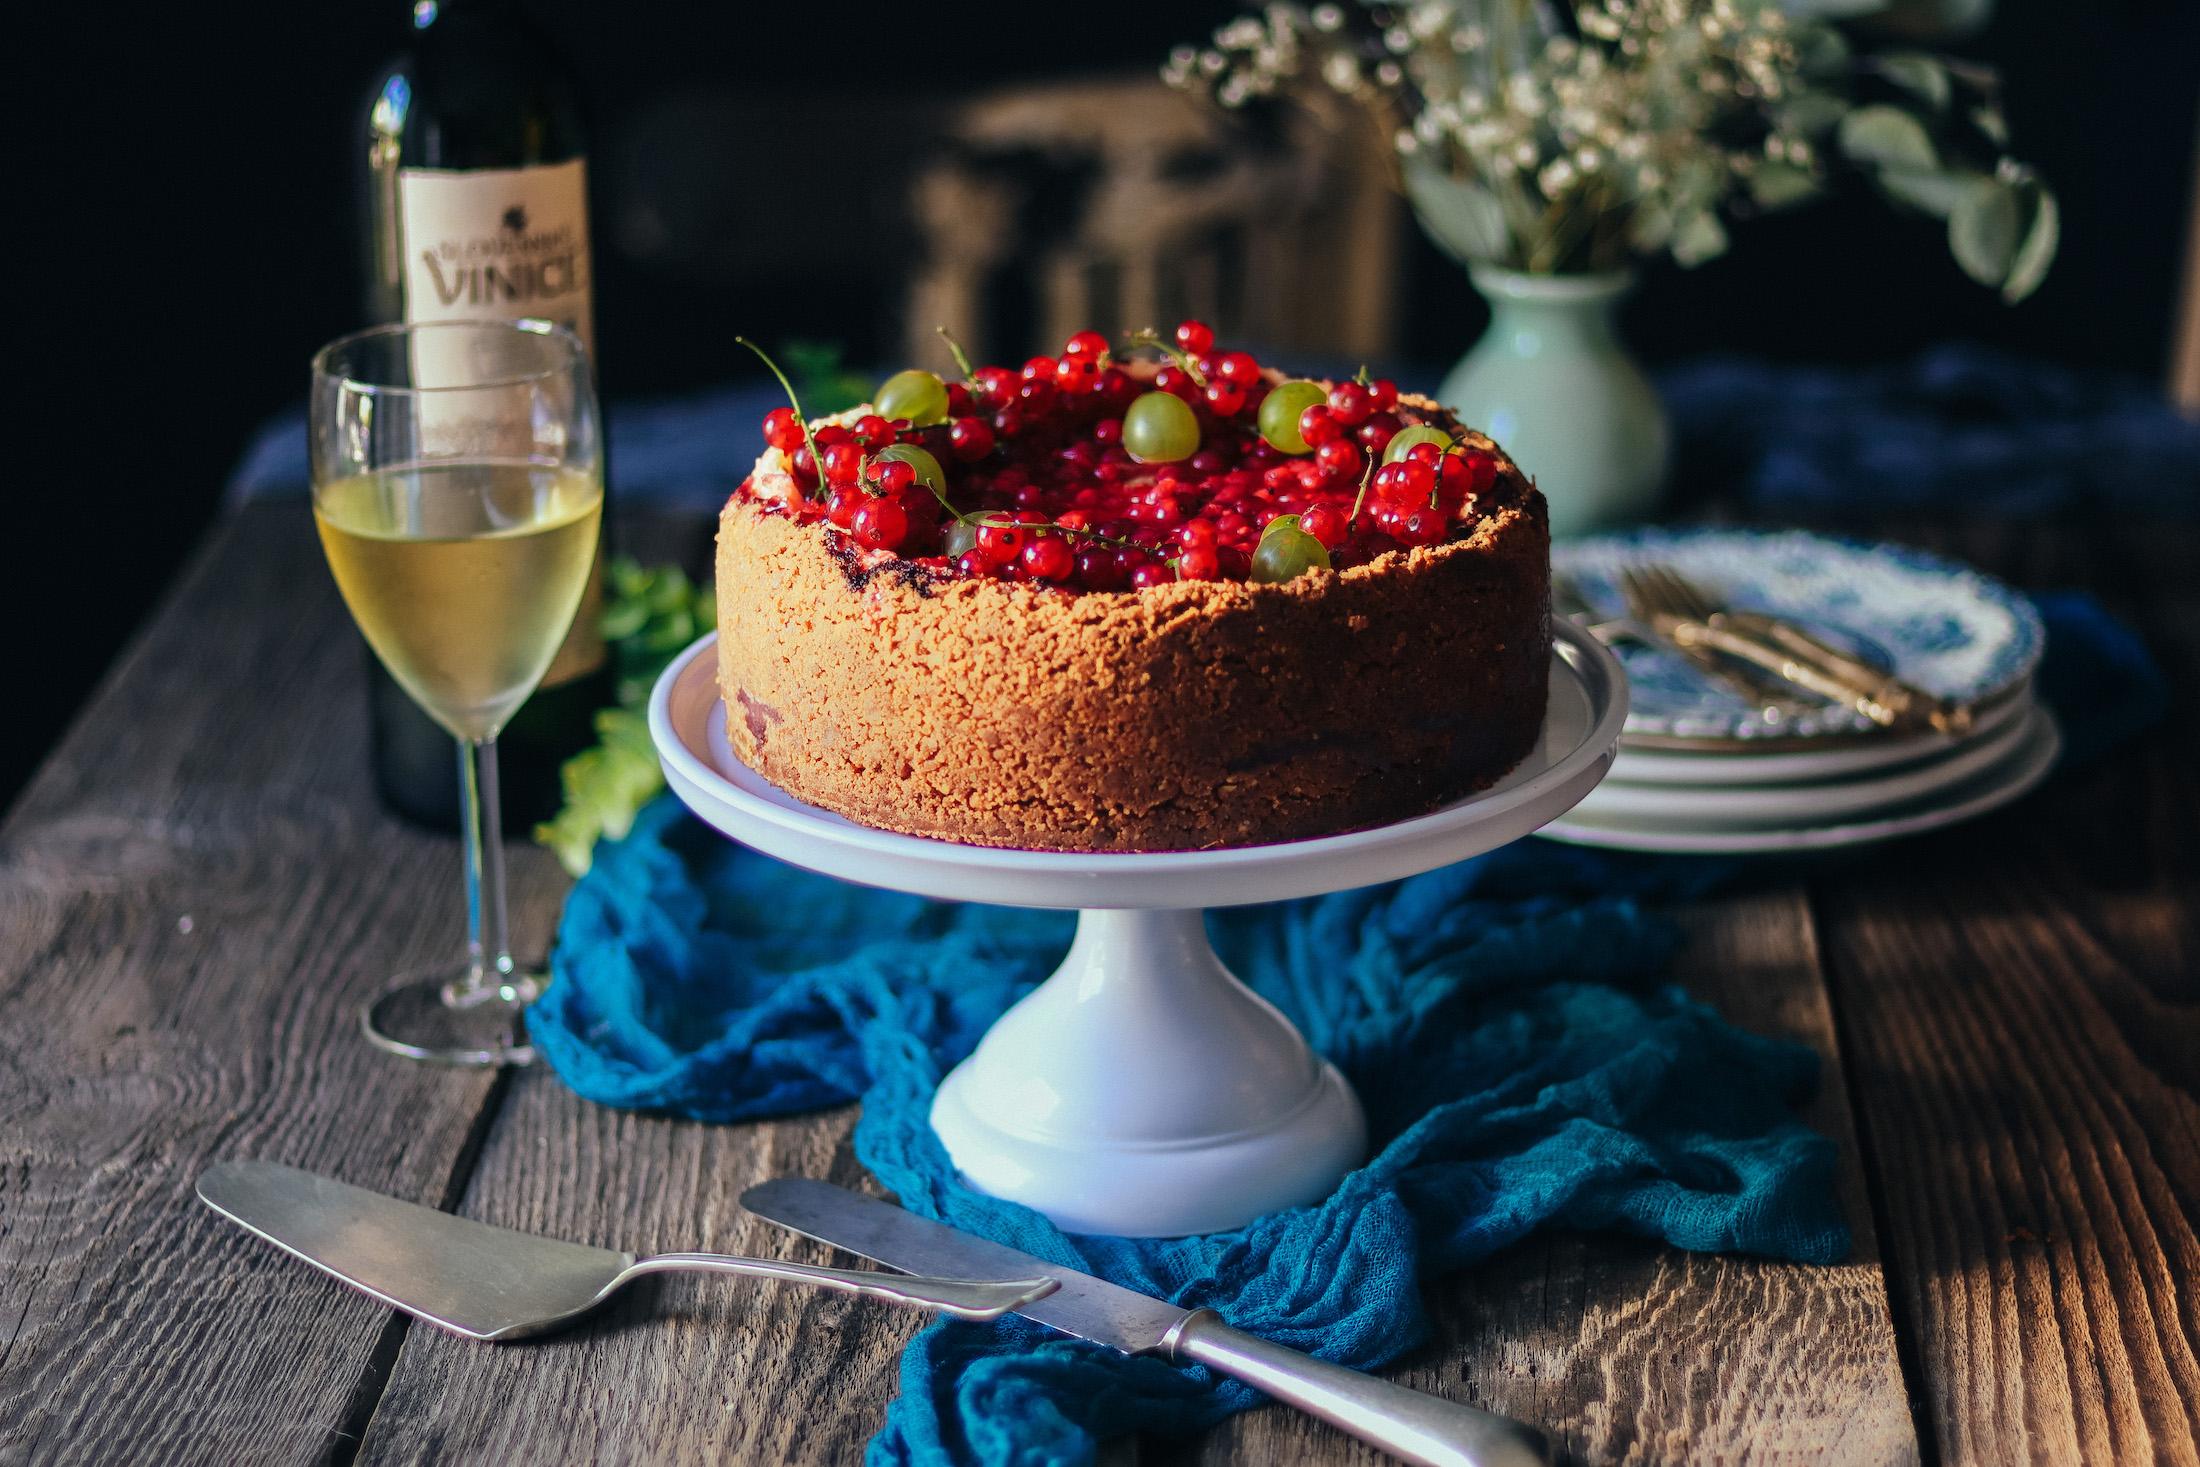 r'bezľový cheesecake